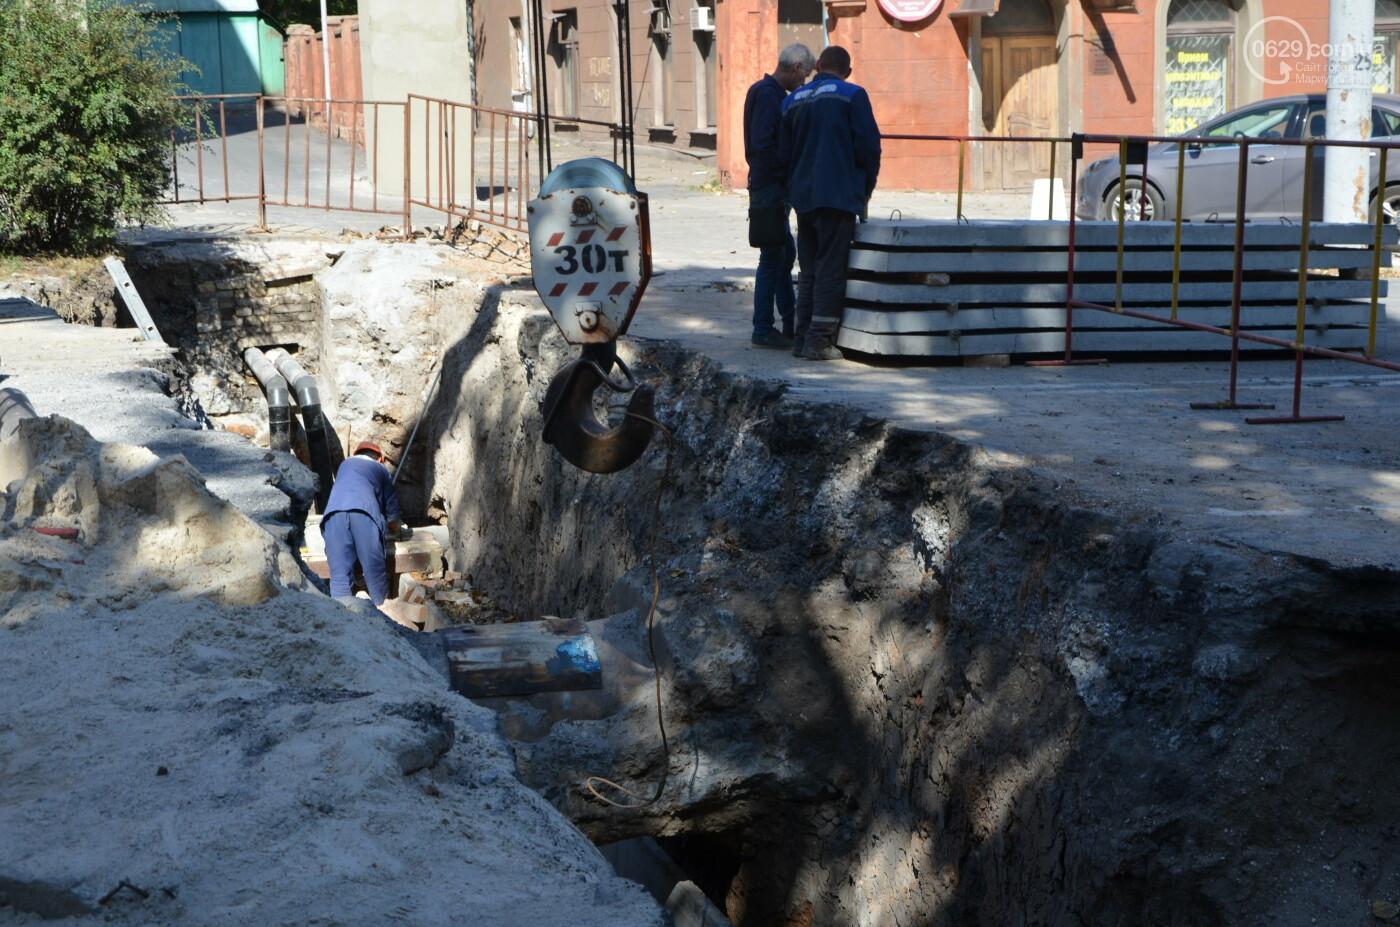 Перекопанный пр. Мира: в Мариуполе капитально ремонтируют центральную дорогу, - ФОТОРЕПОРТАЖ, фото-11